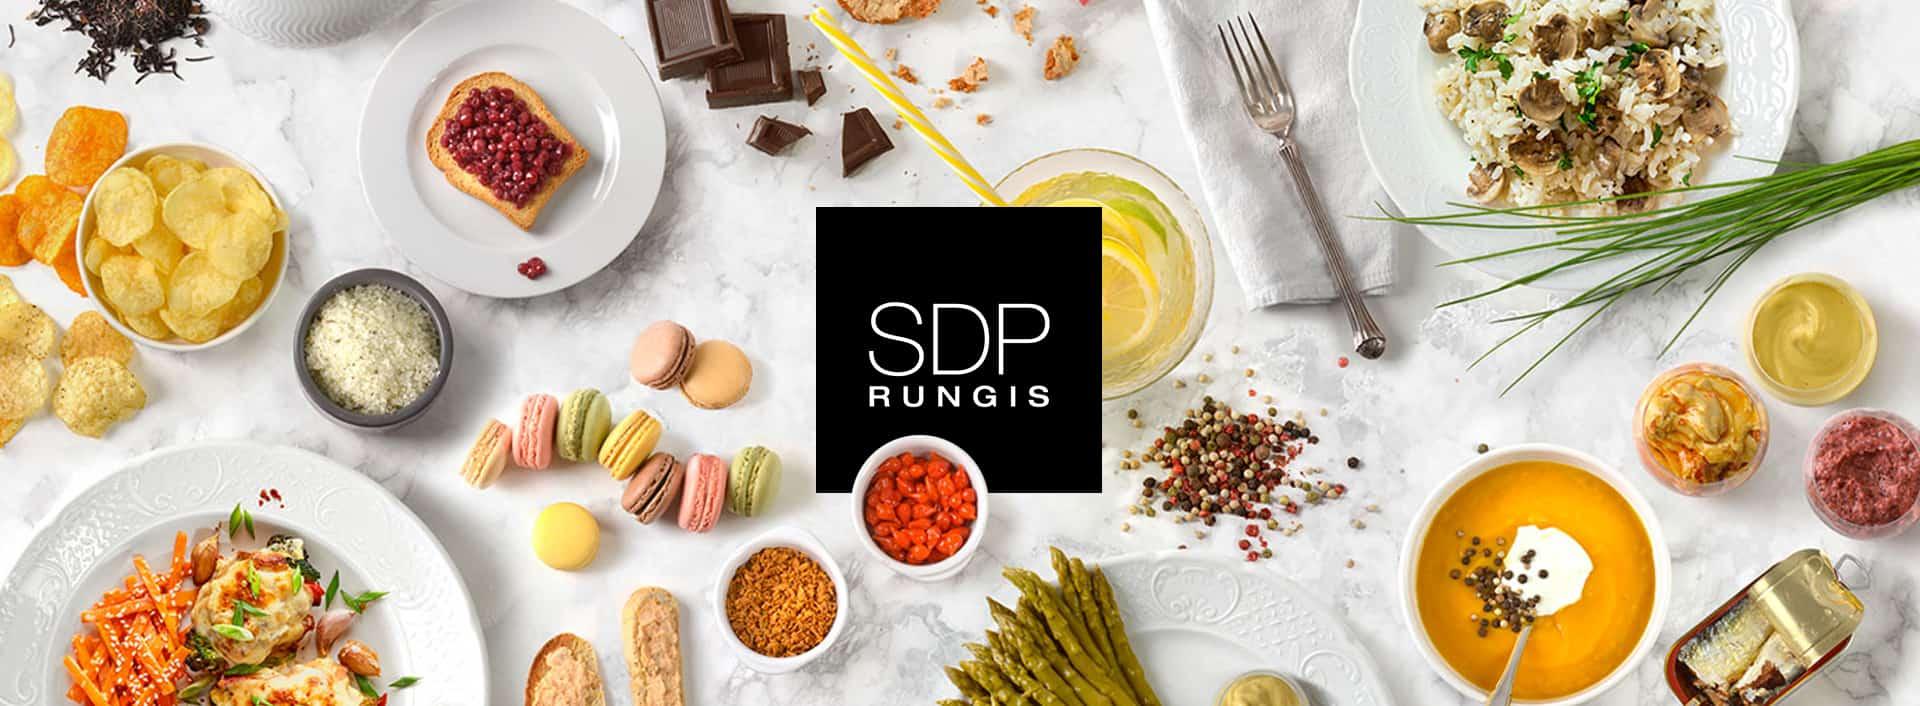 SDP Rungis